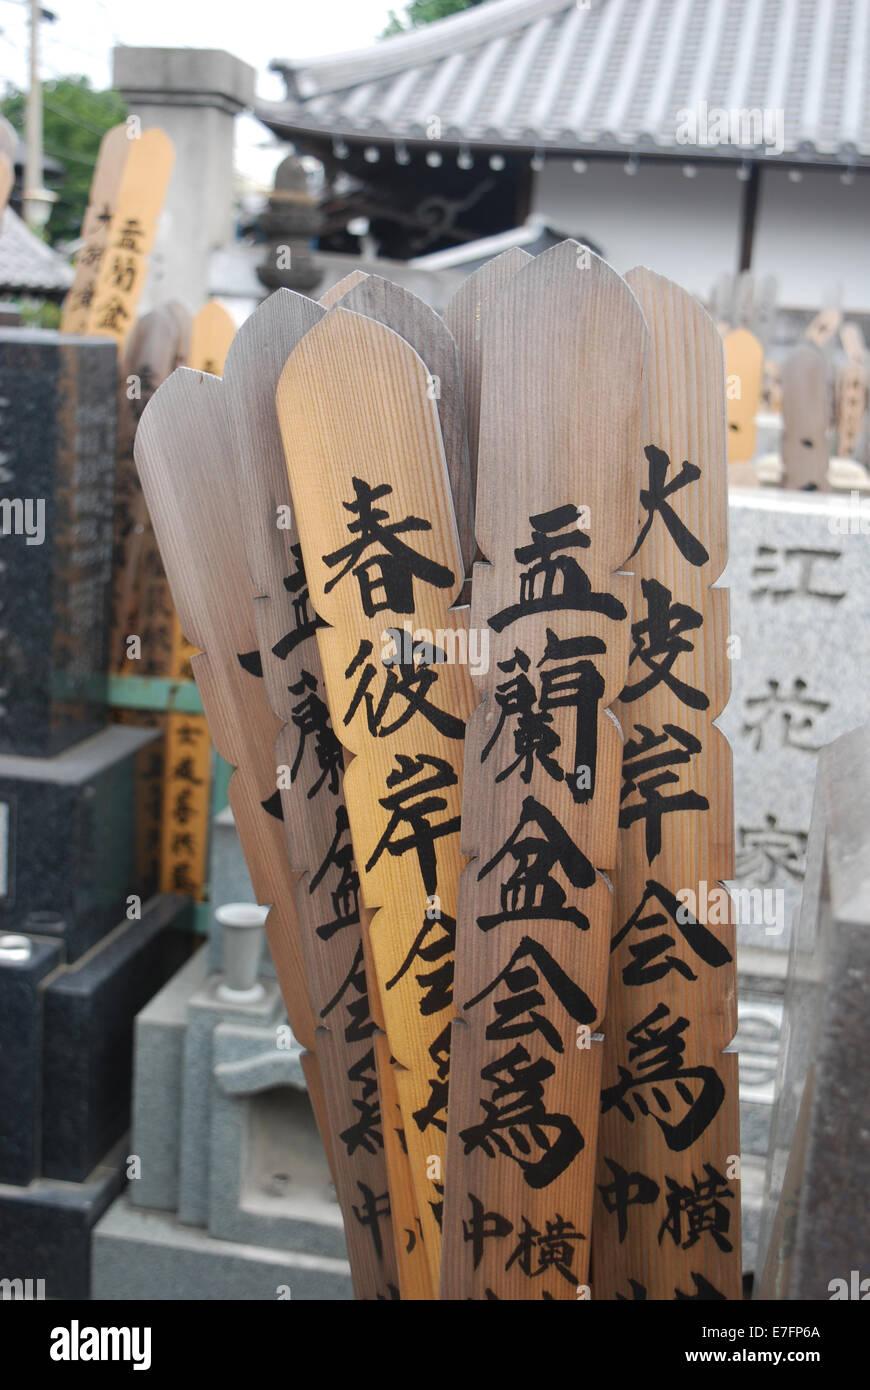 Sotoba (prayer sticks), Tokyo, Japan 2014 - Stock Image